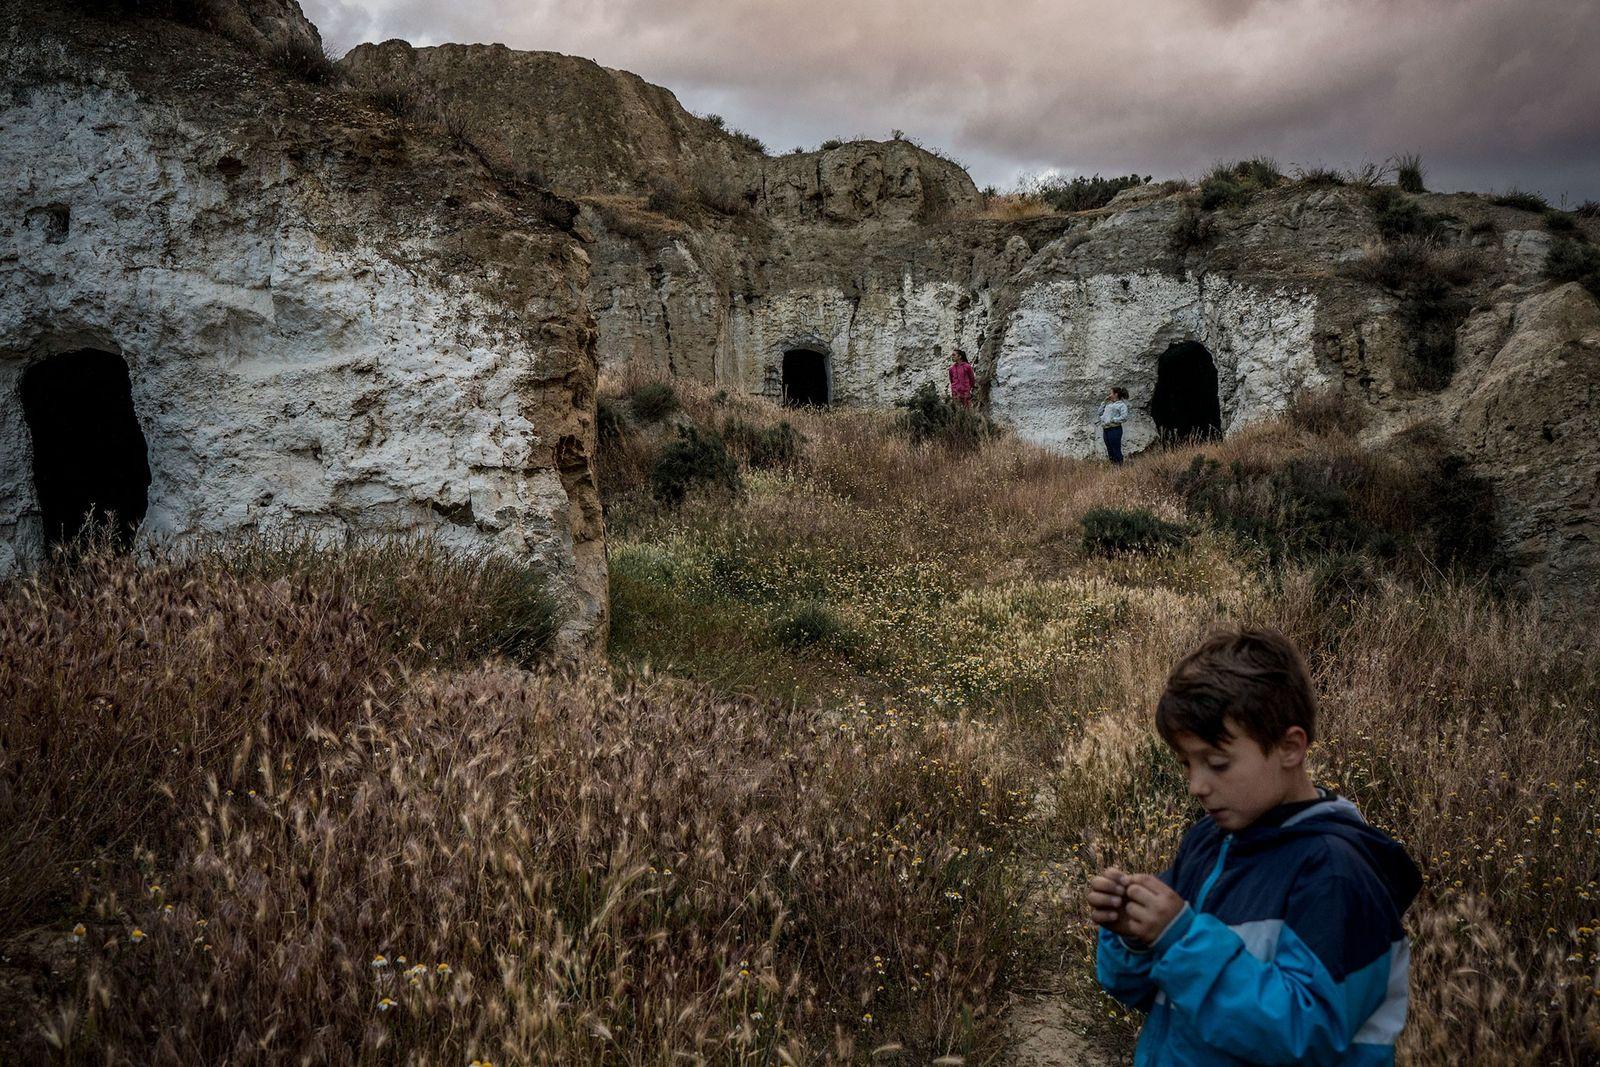 Kinder spielen in verlassenen Höhlen neben ihren eigenen Höhlenwohnungen. Früher war jede Höhle bewohnt, aber mittlerweile ...